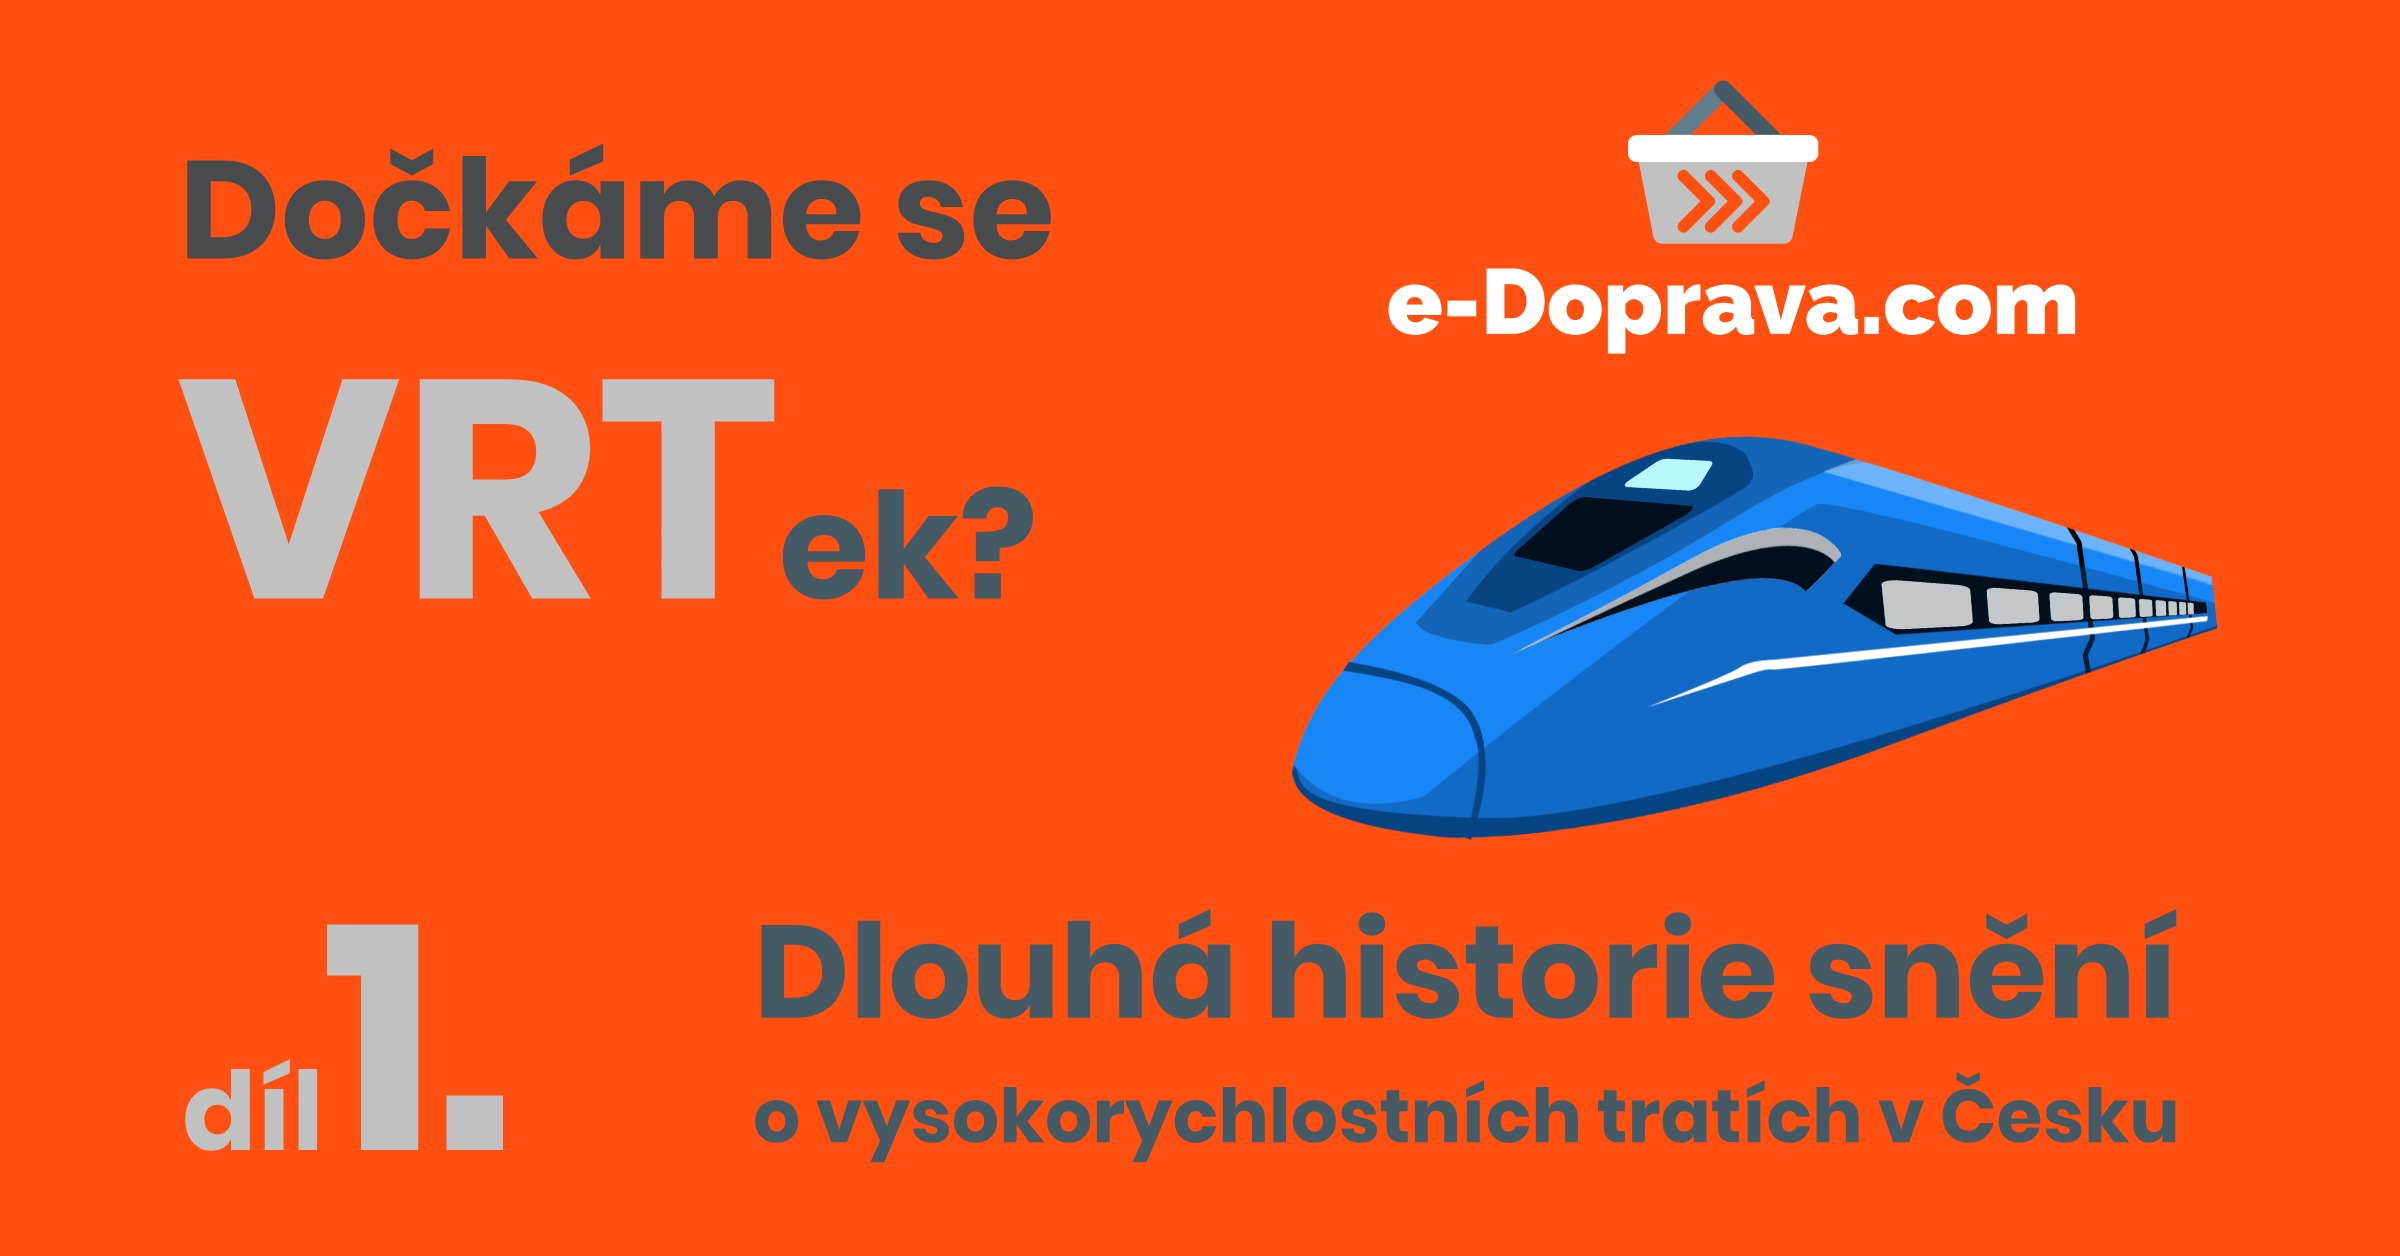 INTERVIEW: Dlouhá historie snění o vysokorychlostních tratích v Česku